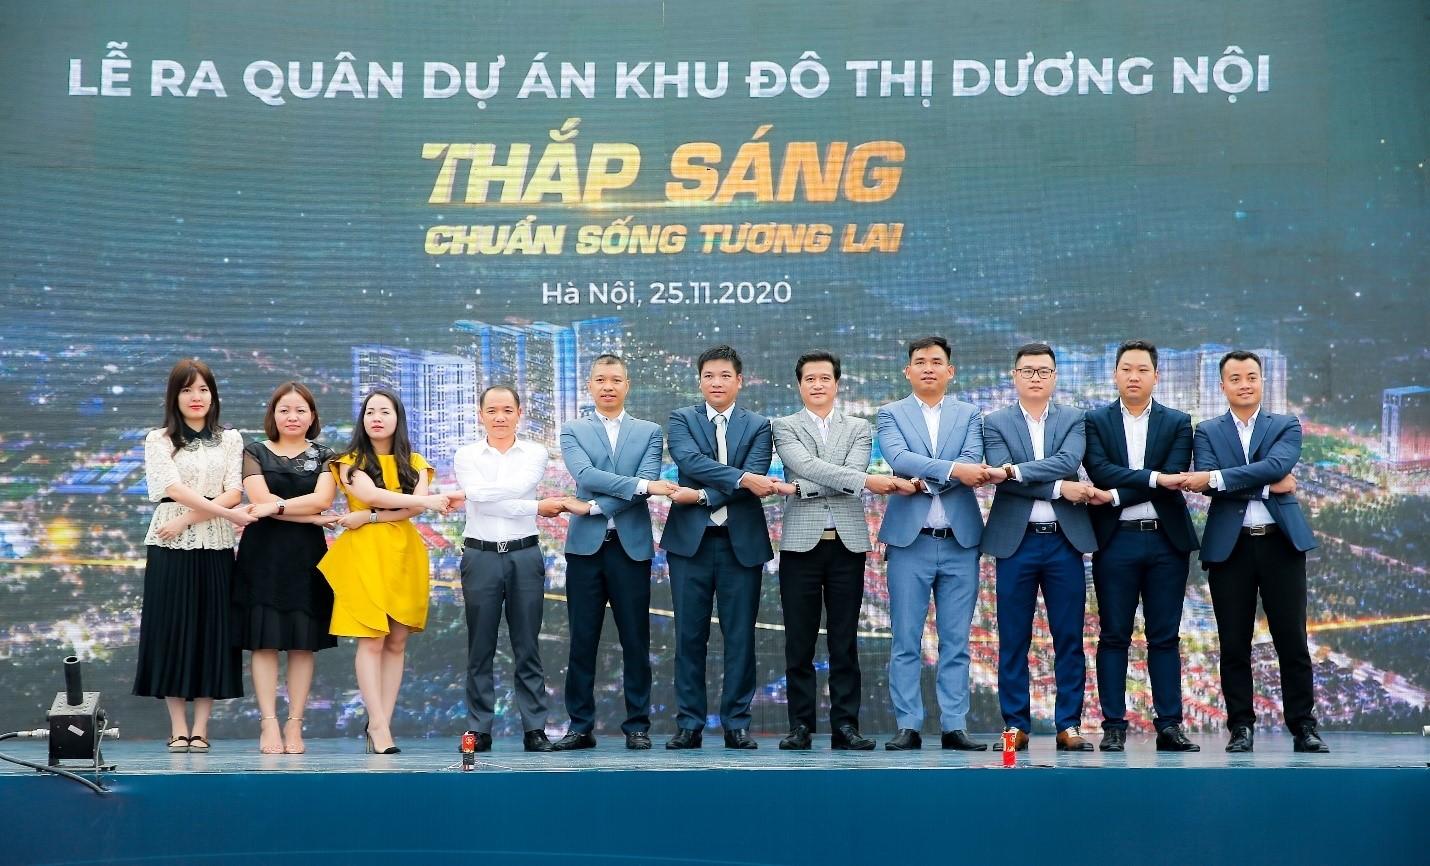 Hàng nghìn 'chiến binh' tham dự Lễ ra quân dự án Khu đô thị Dương Nội - Ảnh 1